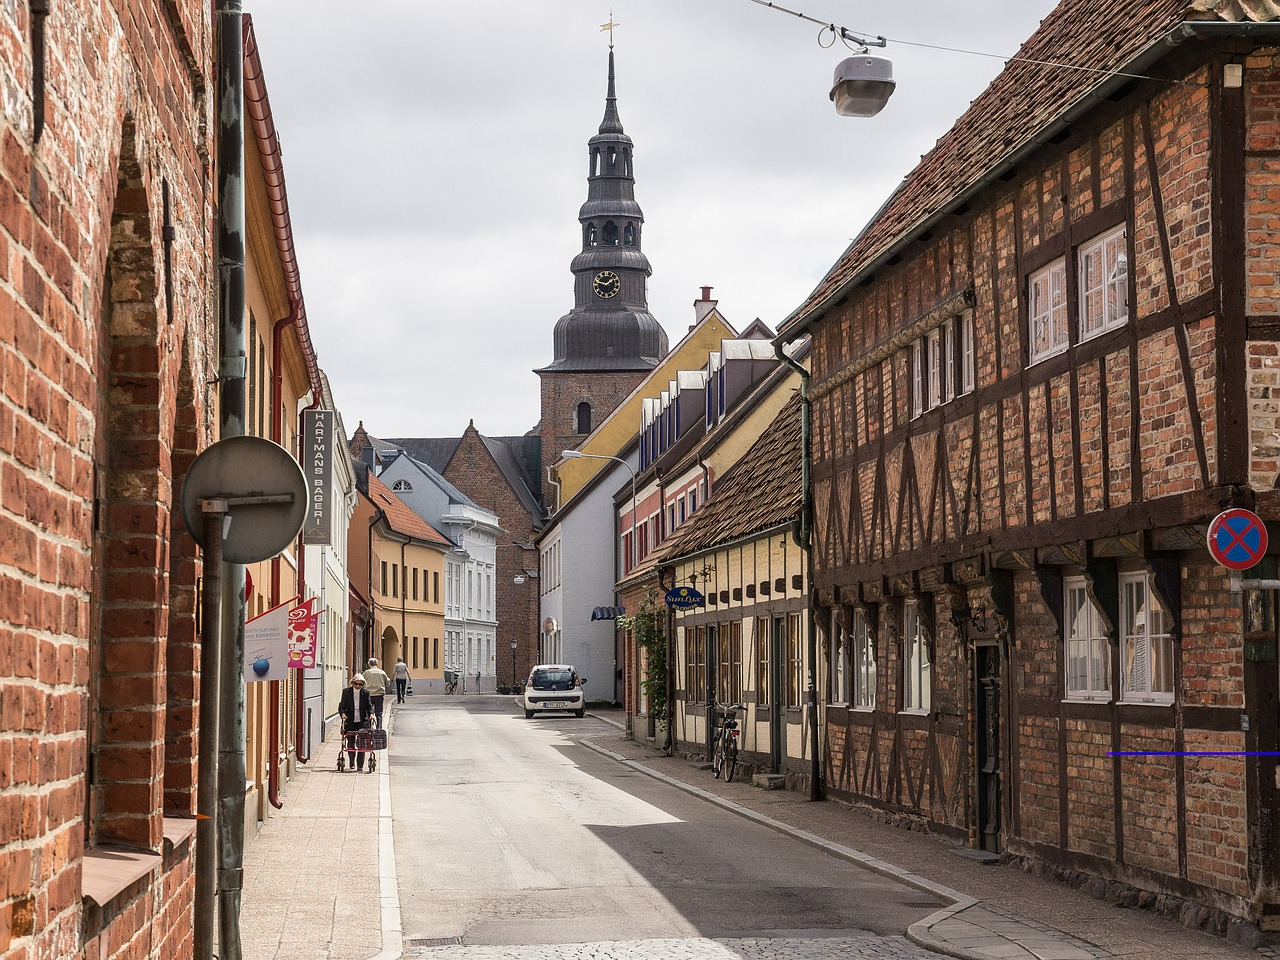 maisons à colombages Ystad